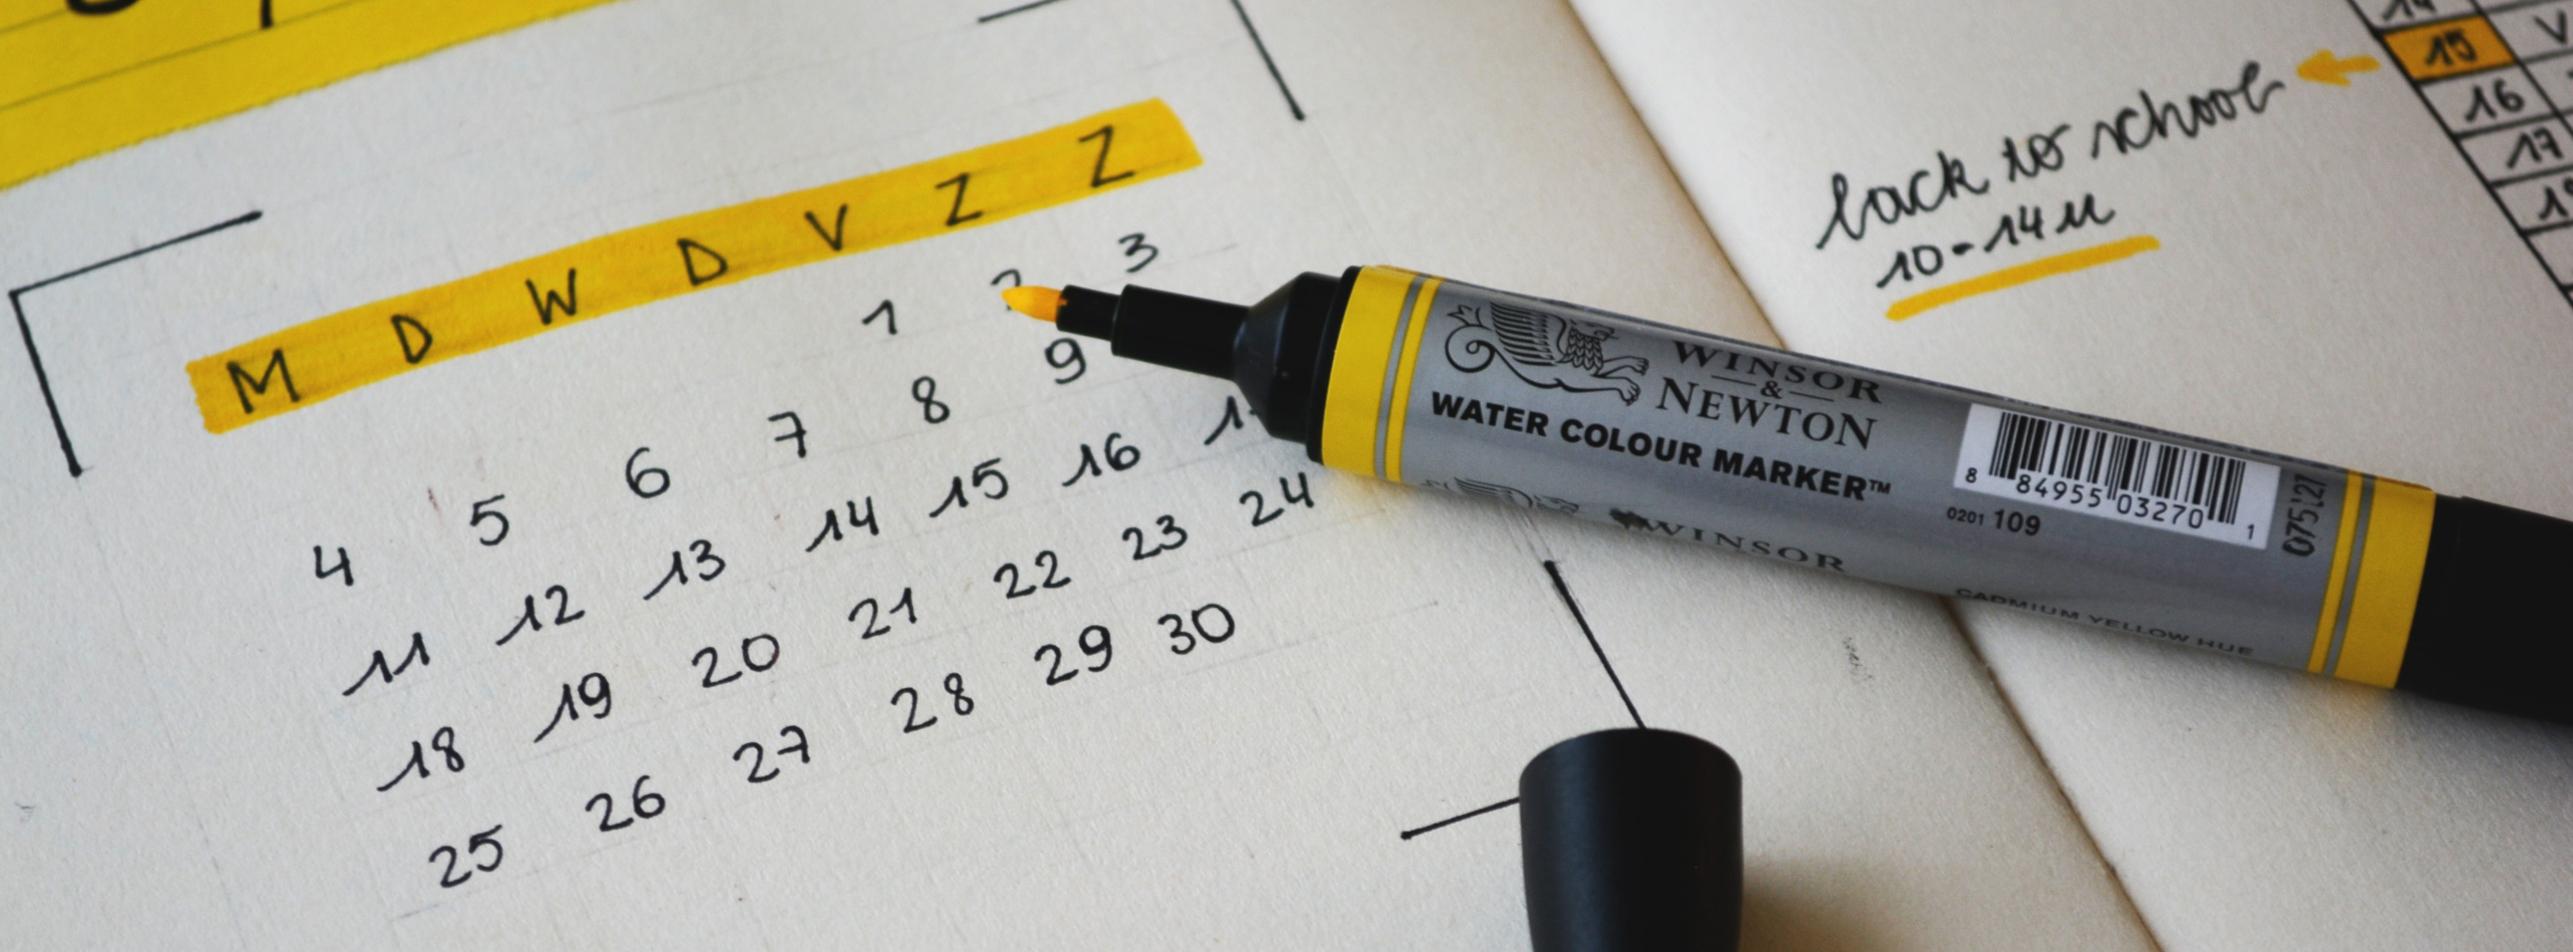 A calendar for scheduling EPA activities